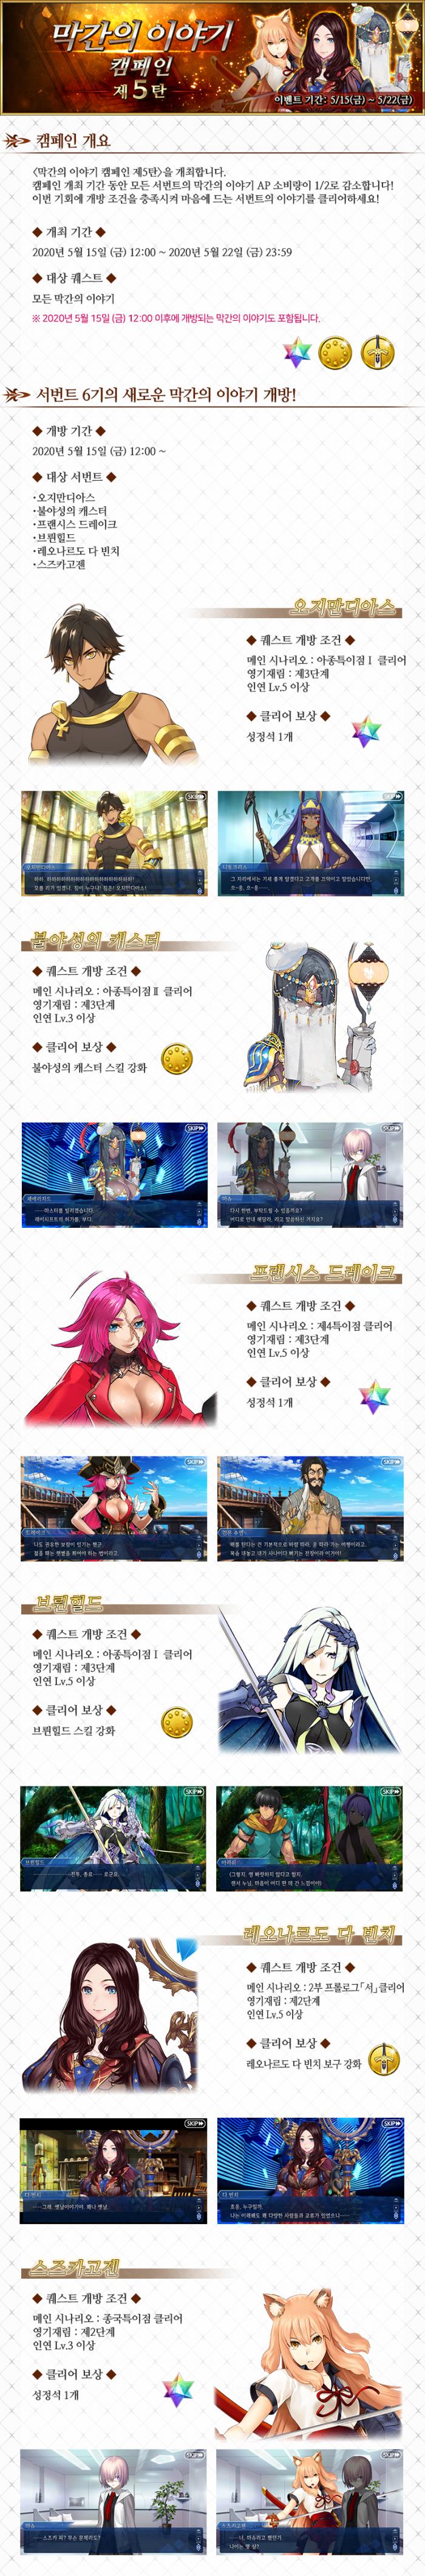 막간의_이야기_캠페인_5탄_수정.png